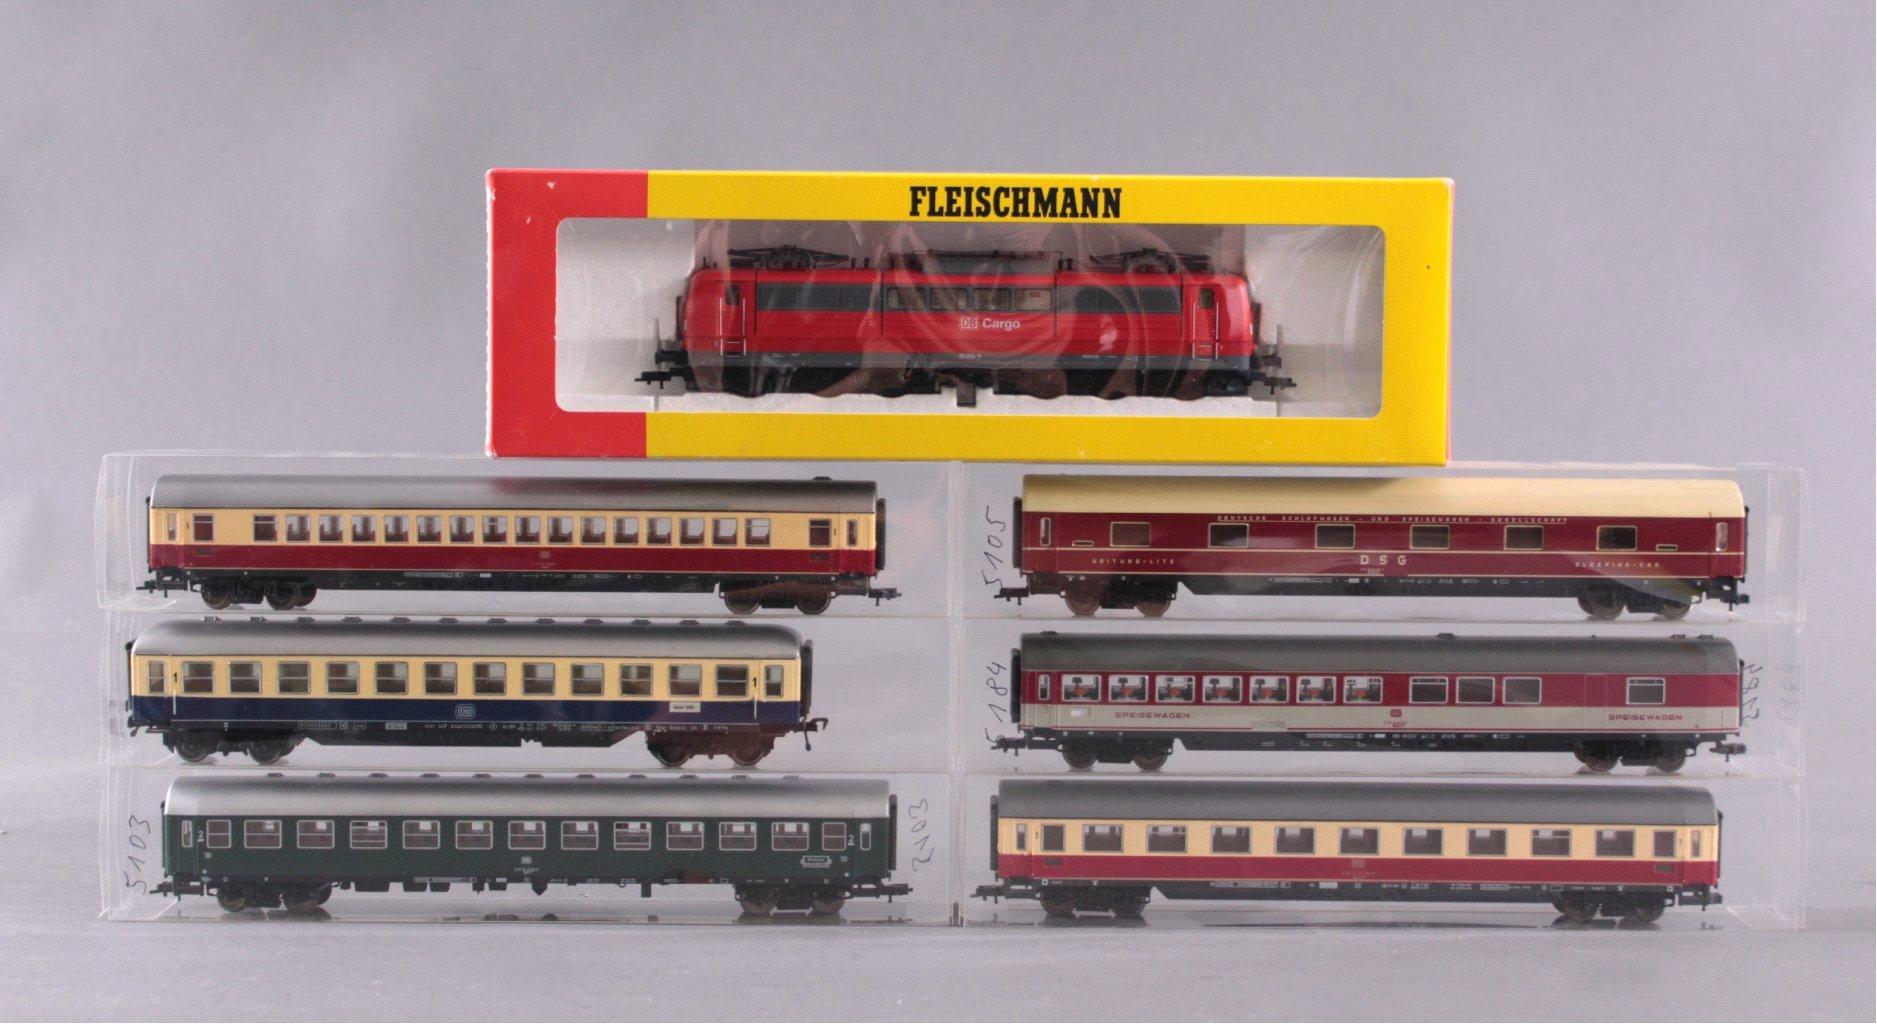 Fleischmann E-Lok 4383 Spur H0 und 6 Personenwaggons